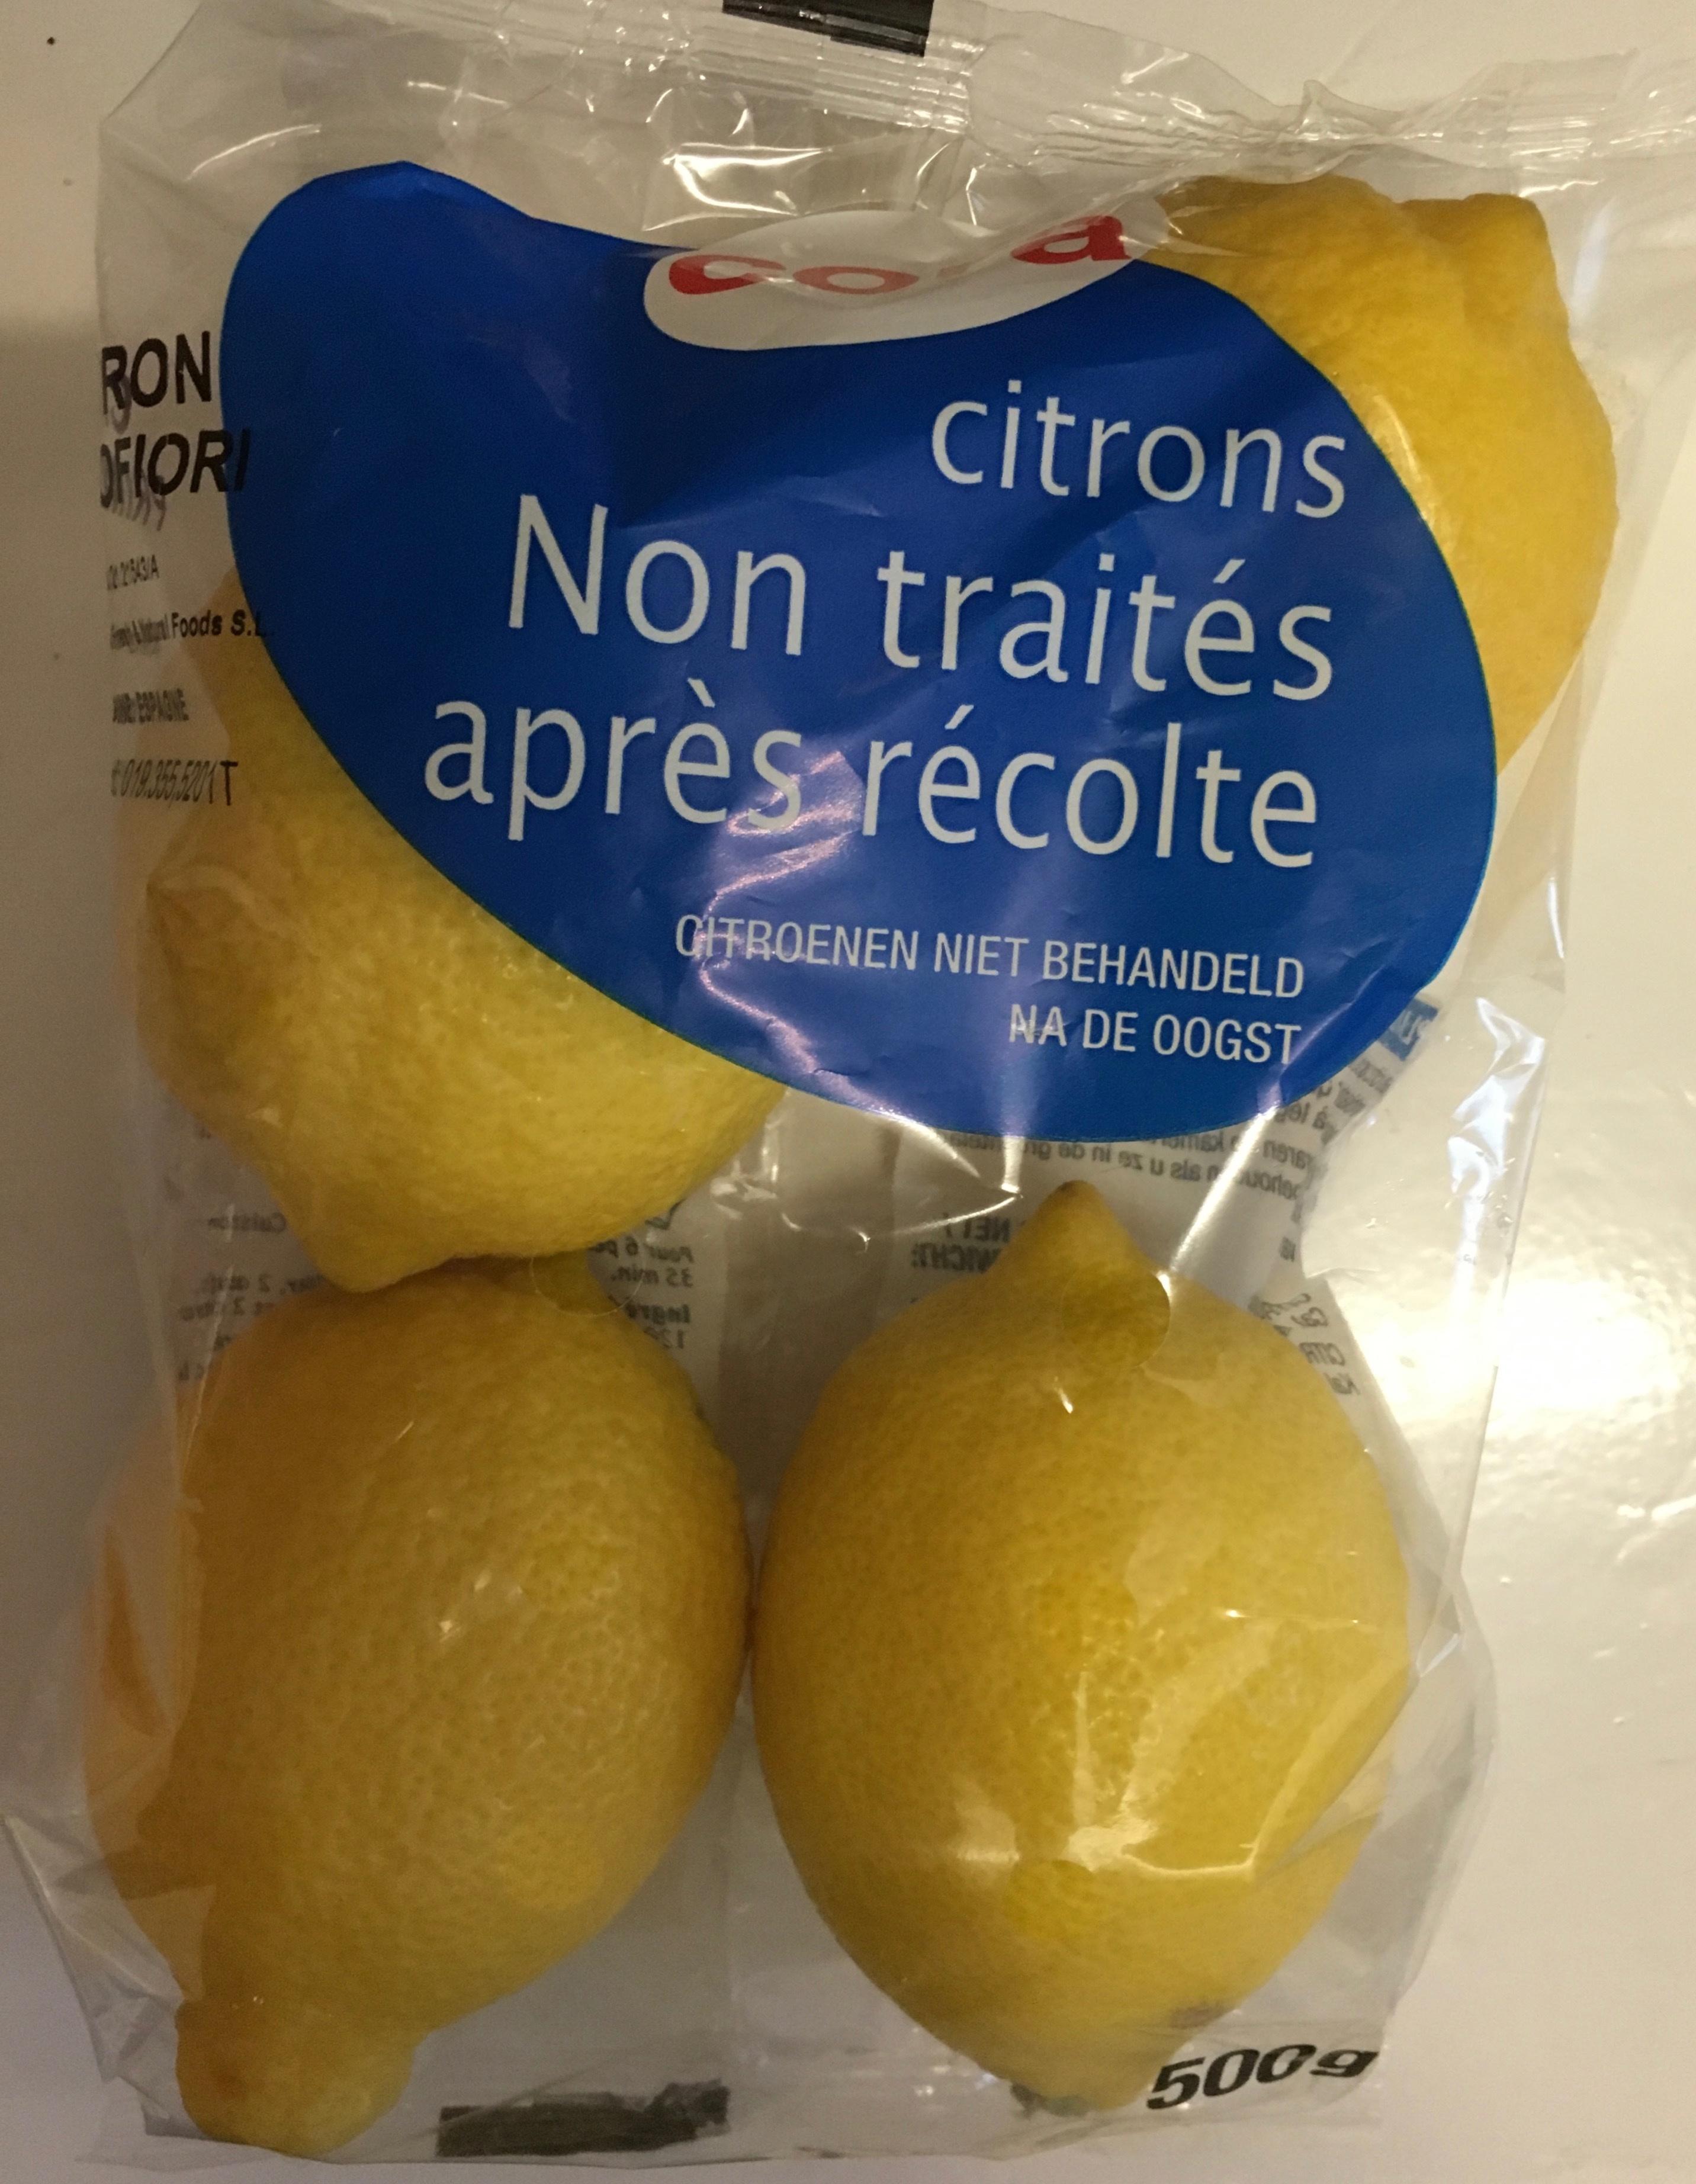 Citrons non traités après récolte - Produit - fr